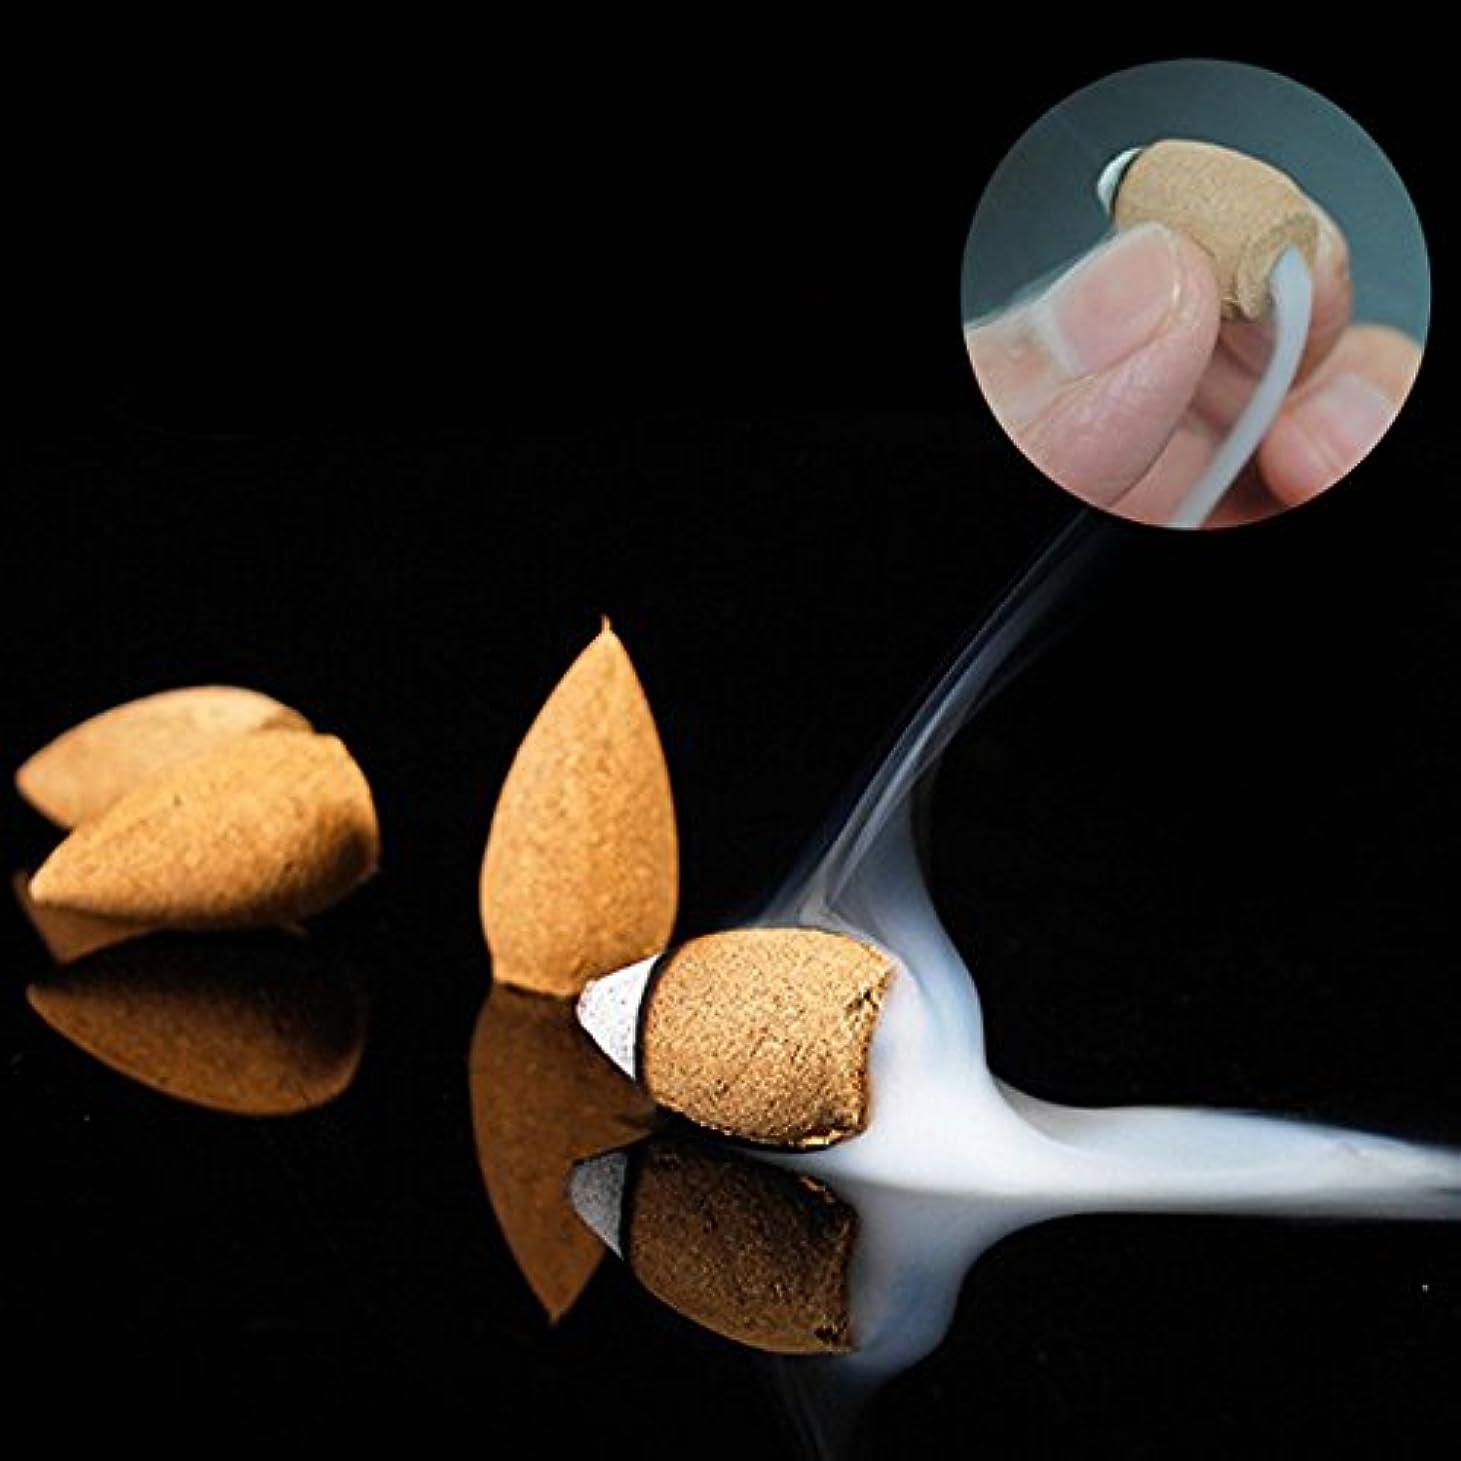 ドーム翻訳レンダリングTOPmountain 10個還流タワー 逆流香 セラミックバーナー ナチュラル実践 2.9 * 2 * 2cm サンダルウッドアロマセラピー